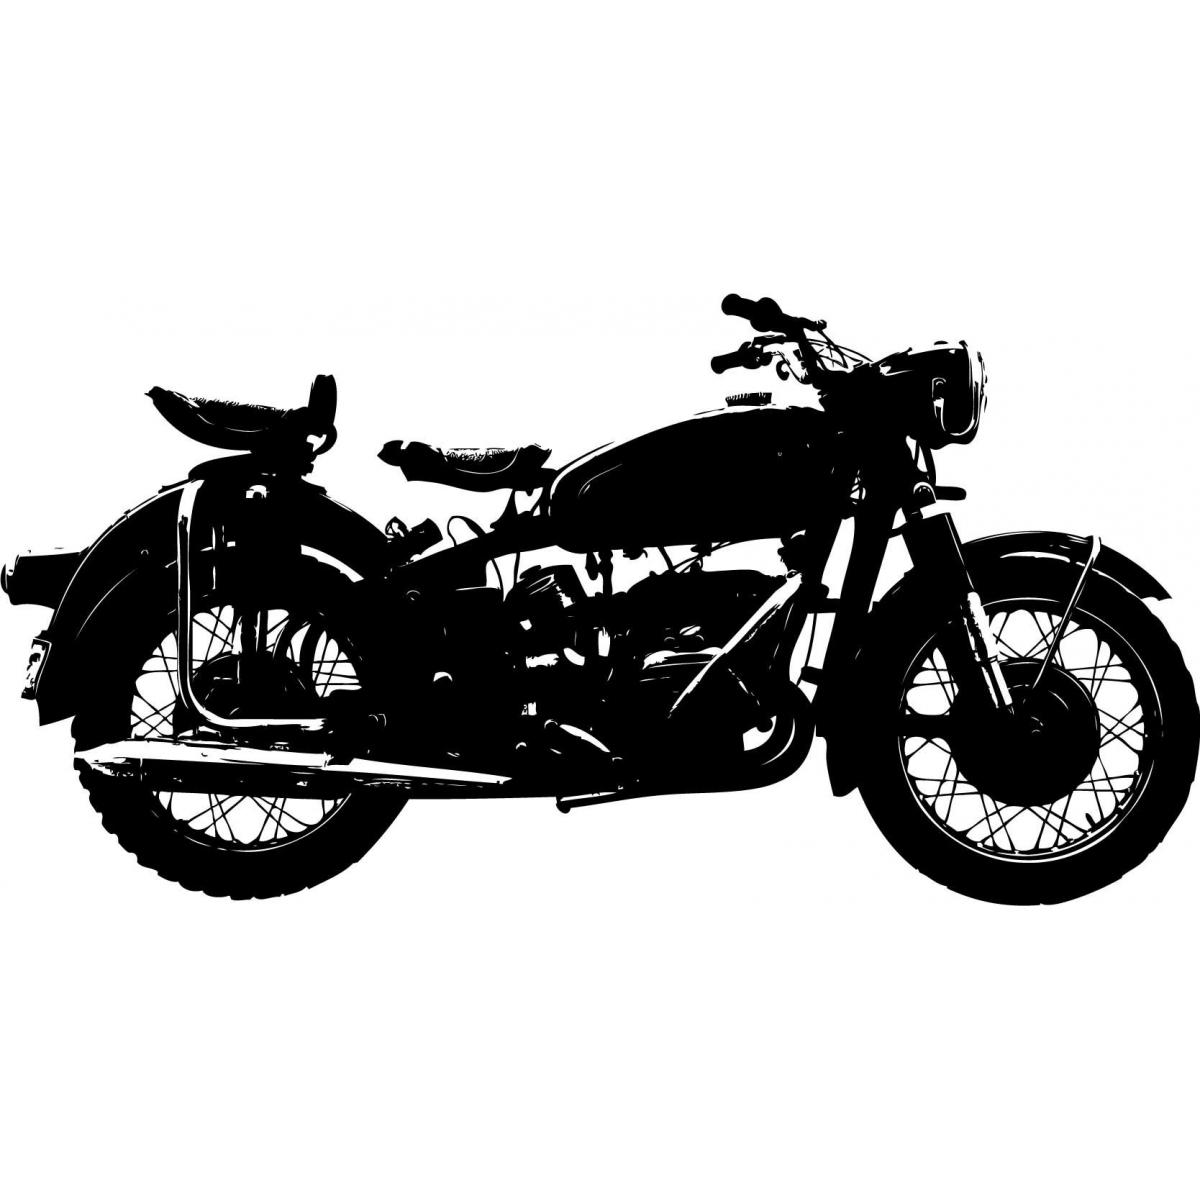 Biker clipart vintage motorcycle Motorbike; Vintage Sticker Motorbike Vintage